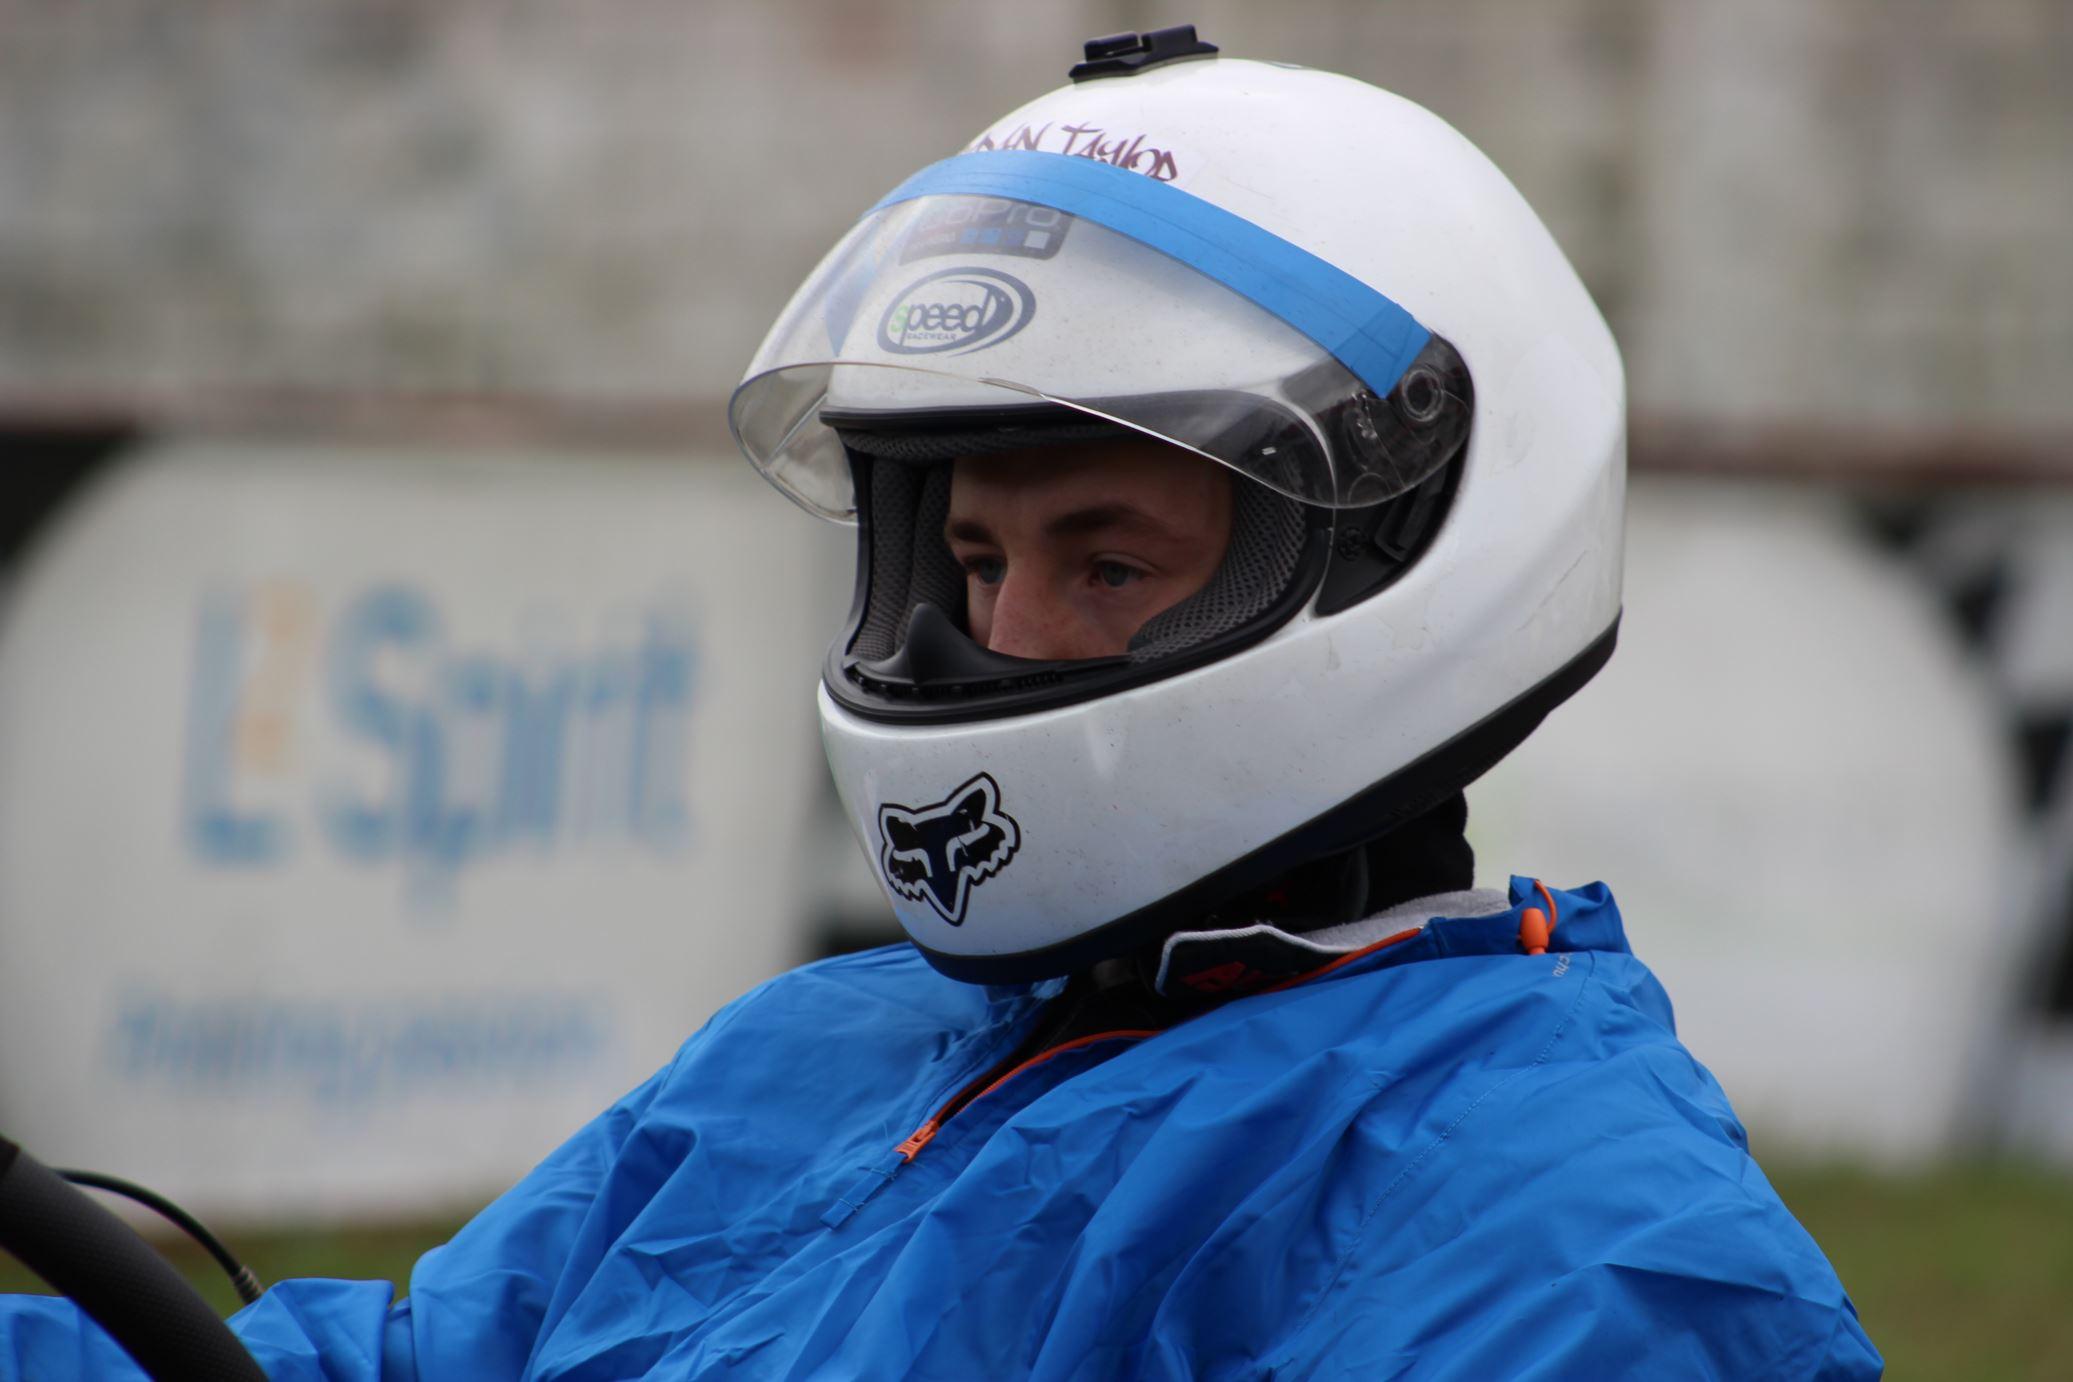 Troféu Honda 2014 - 5ª Prova133